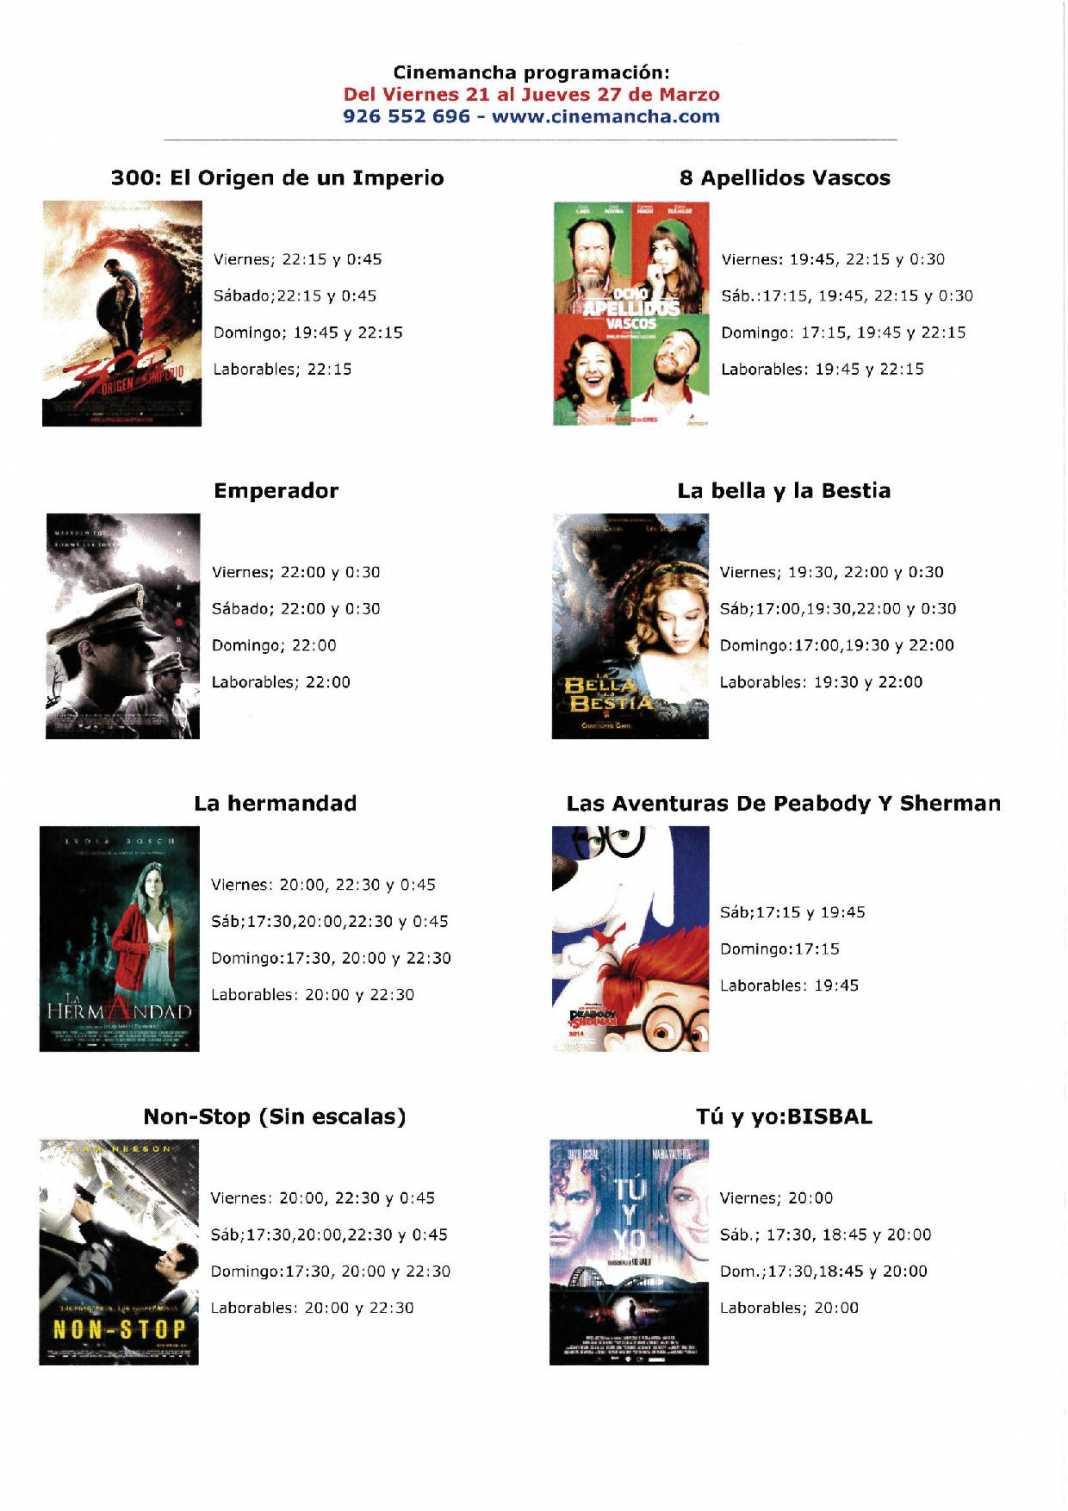 Programación Cinemancha del 21 al 27 de marzo 1